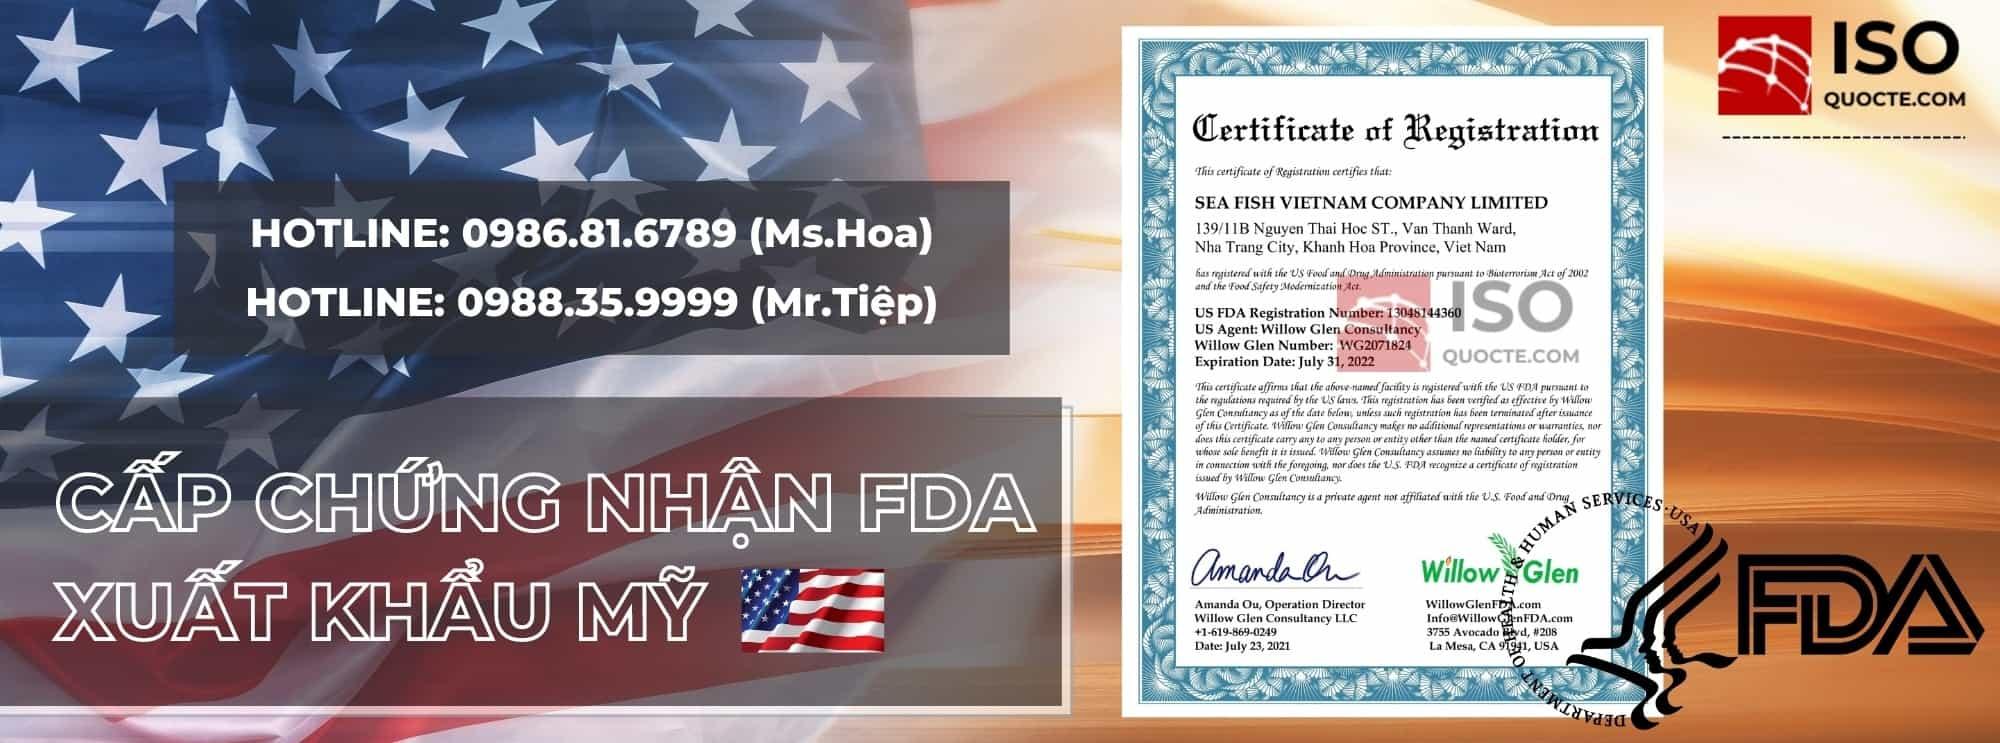 dangky chung nhan fda my hoa ky - Cấp Chứng Nhận FDA cho Thực phẩm, Mỹ Phẩm, Thuốc, Thiết Bị Y Tế